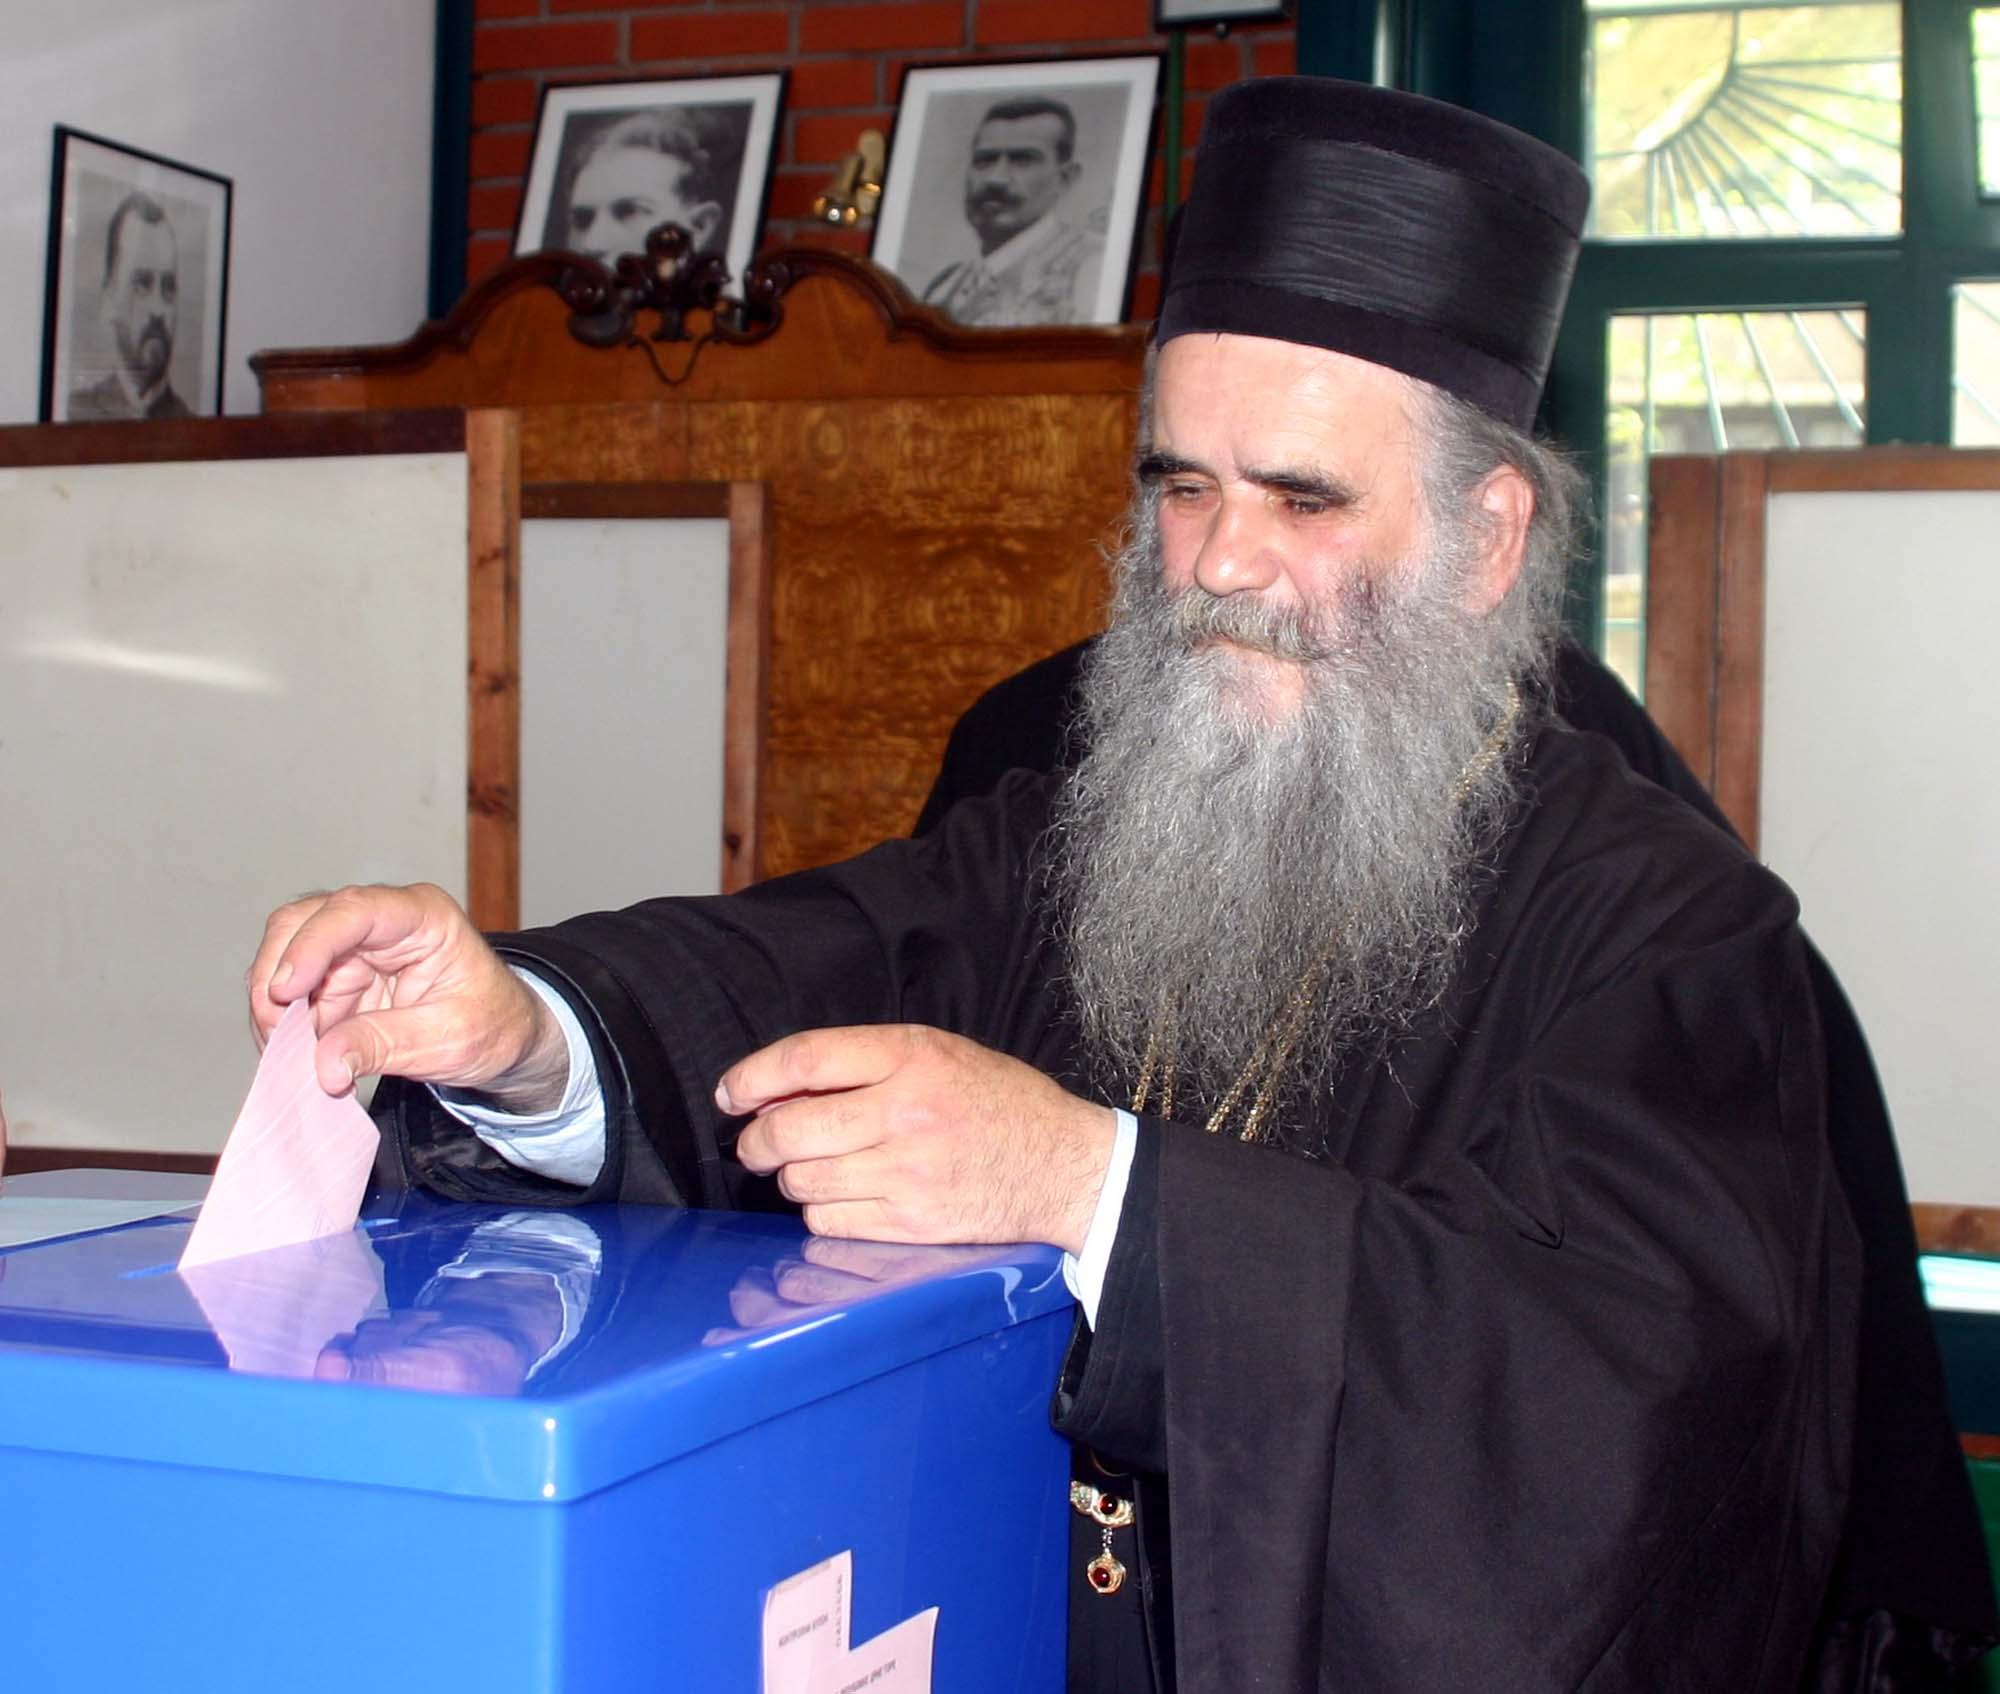 Đedo već glasao – sad će treći put